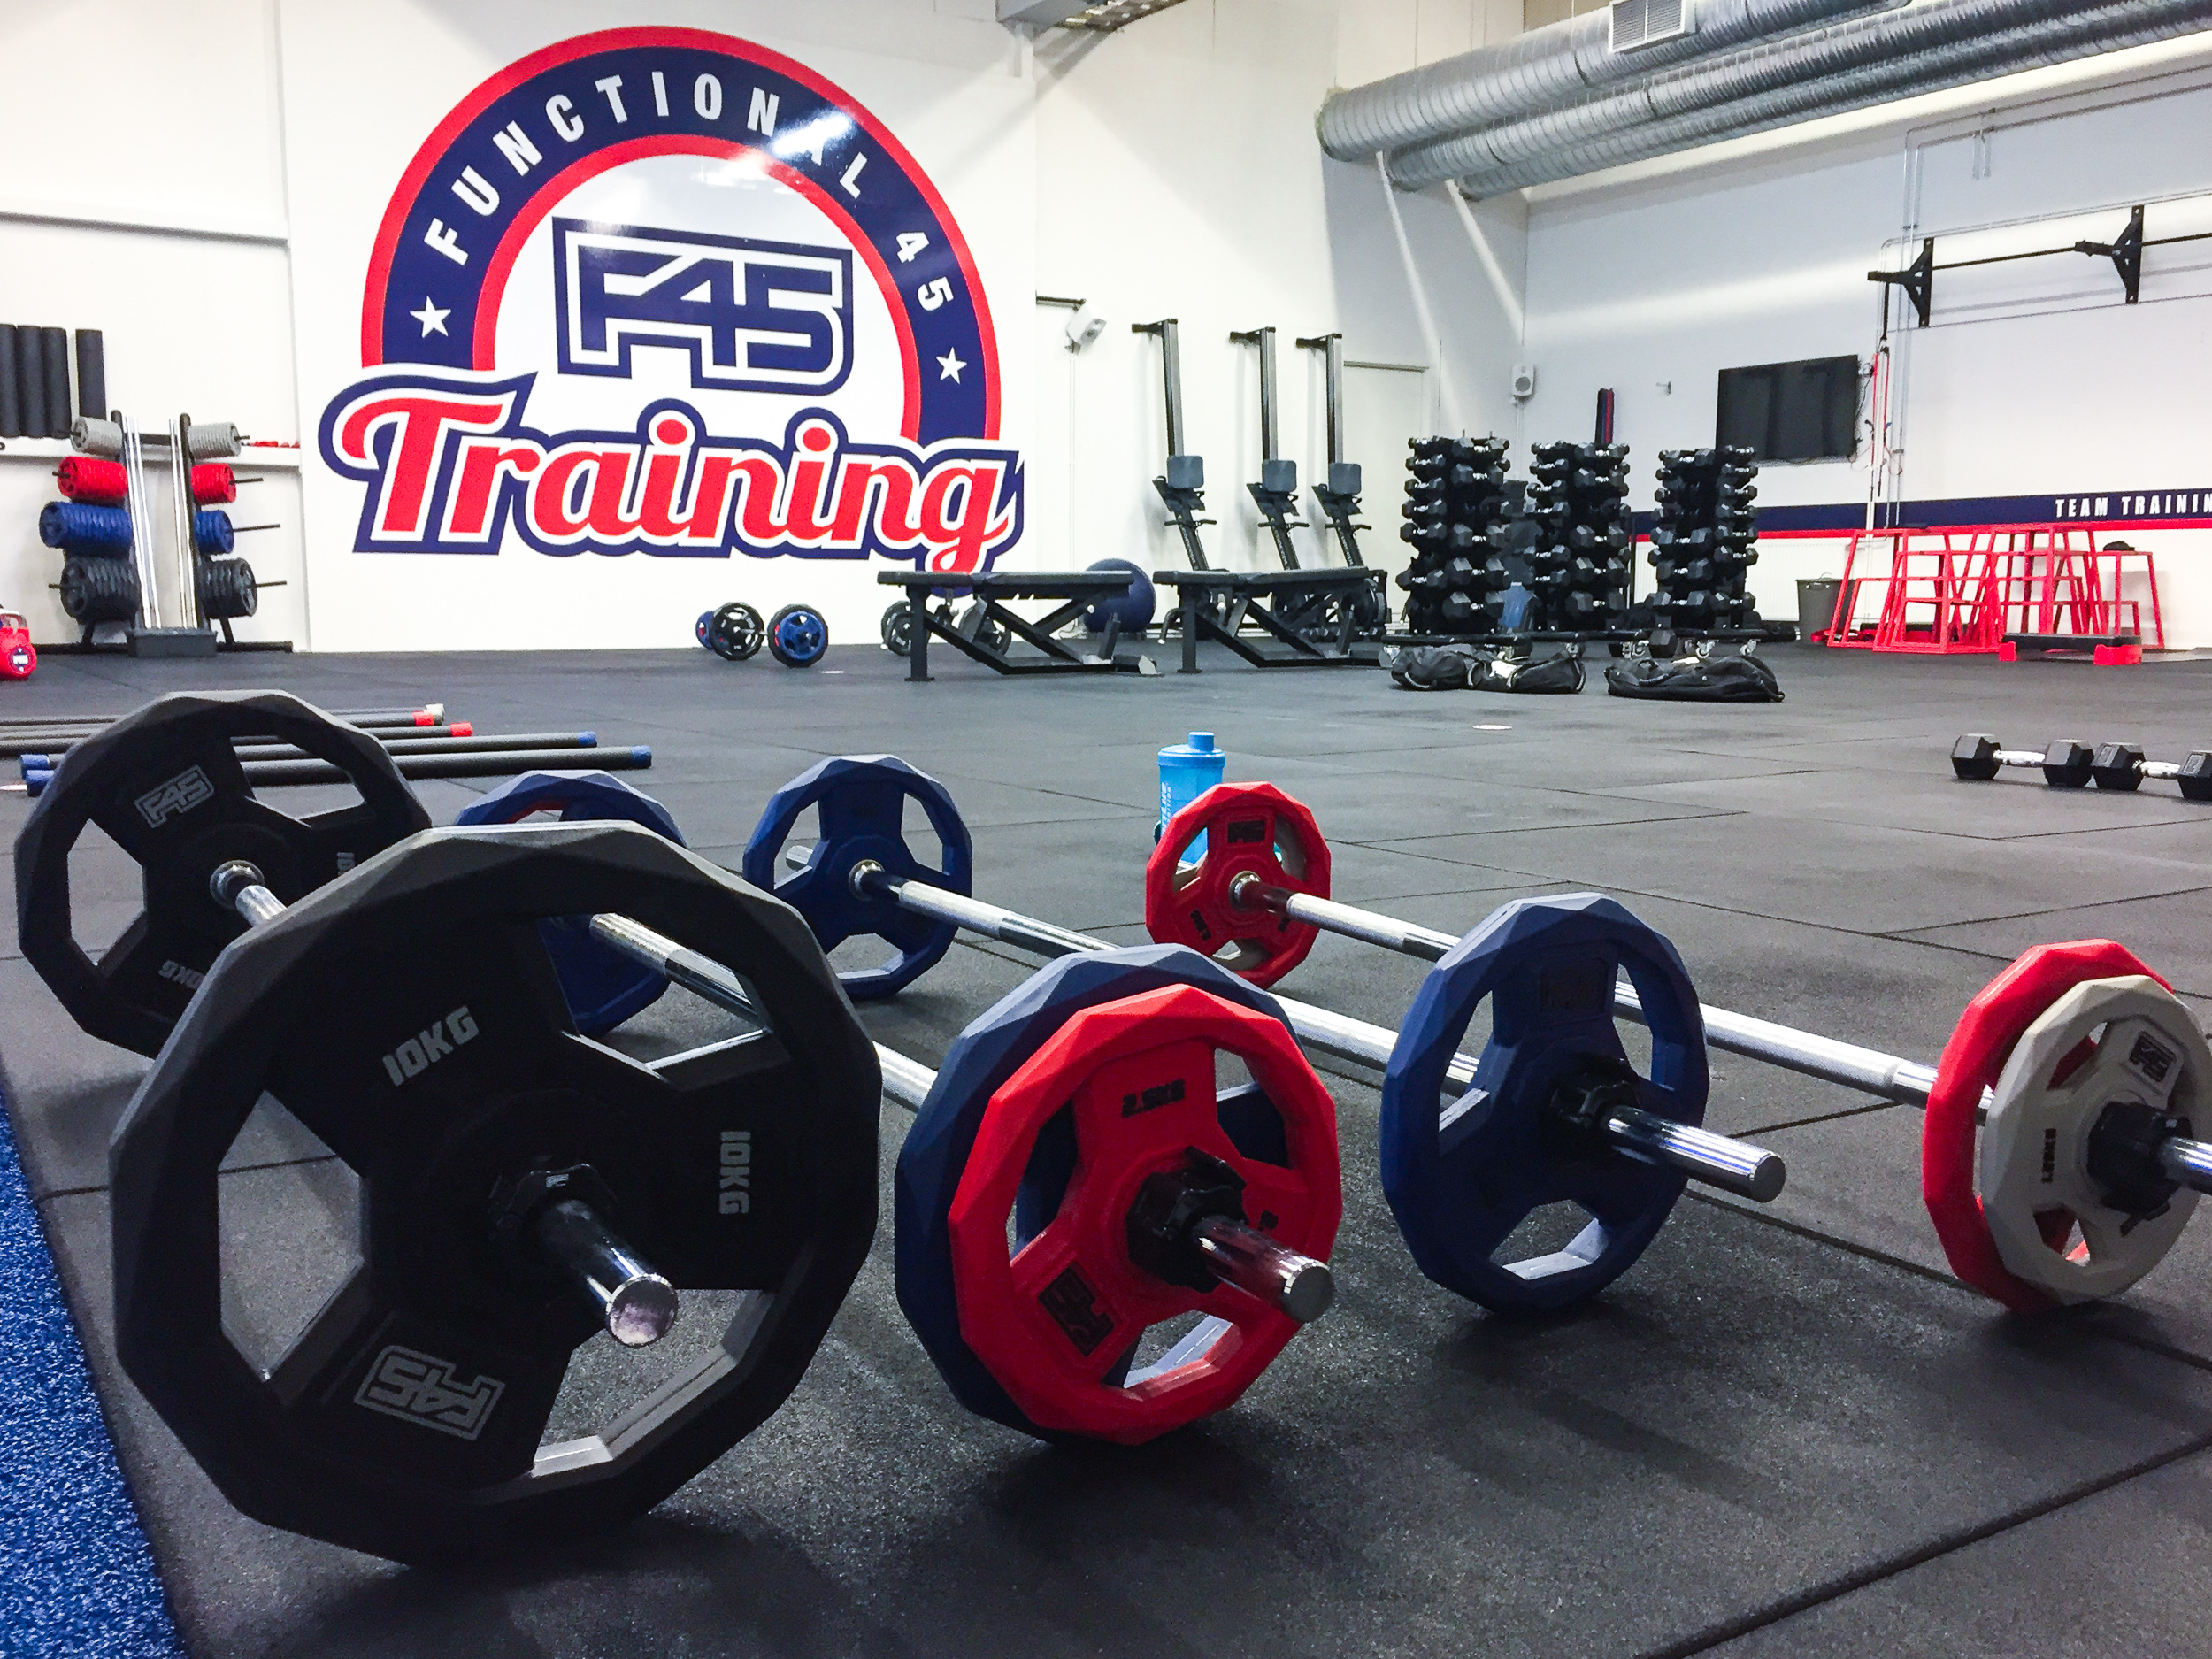 Parhaat treenipaikat Turussa